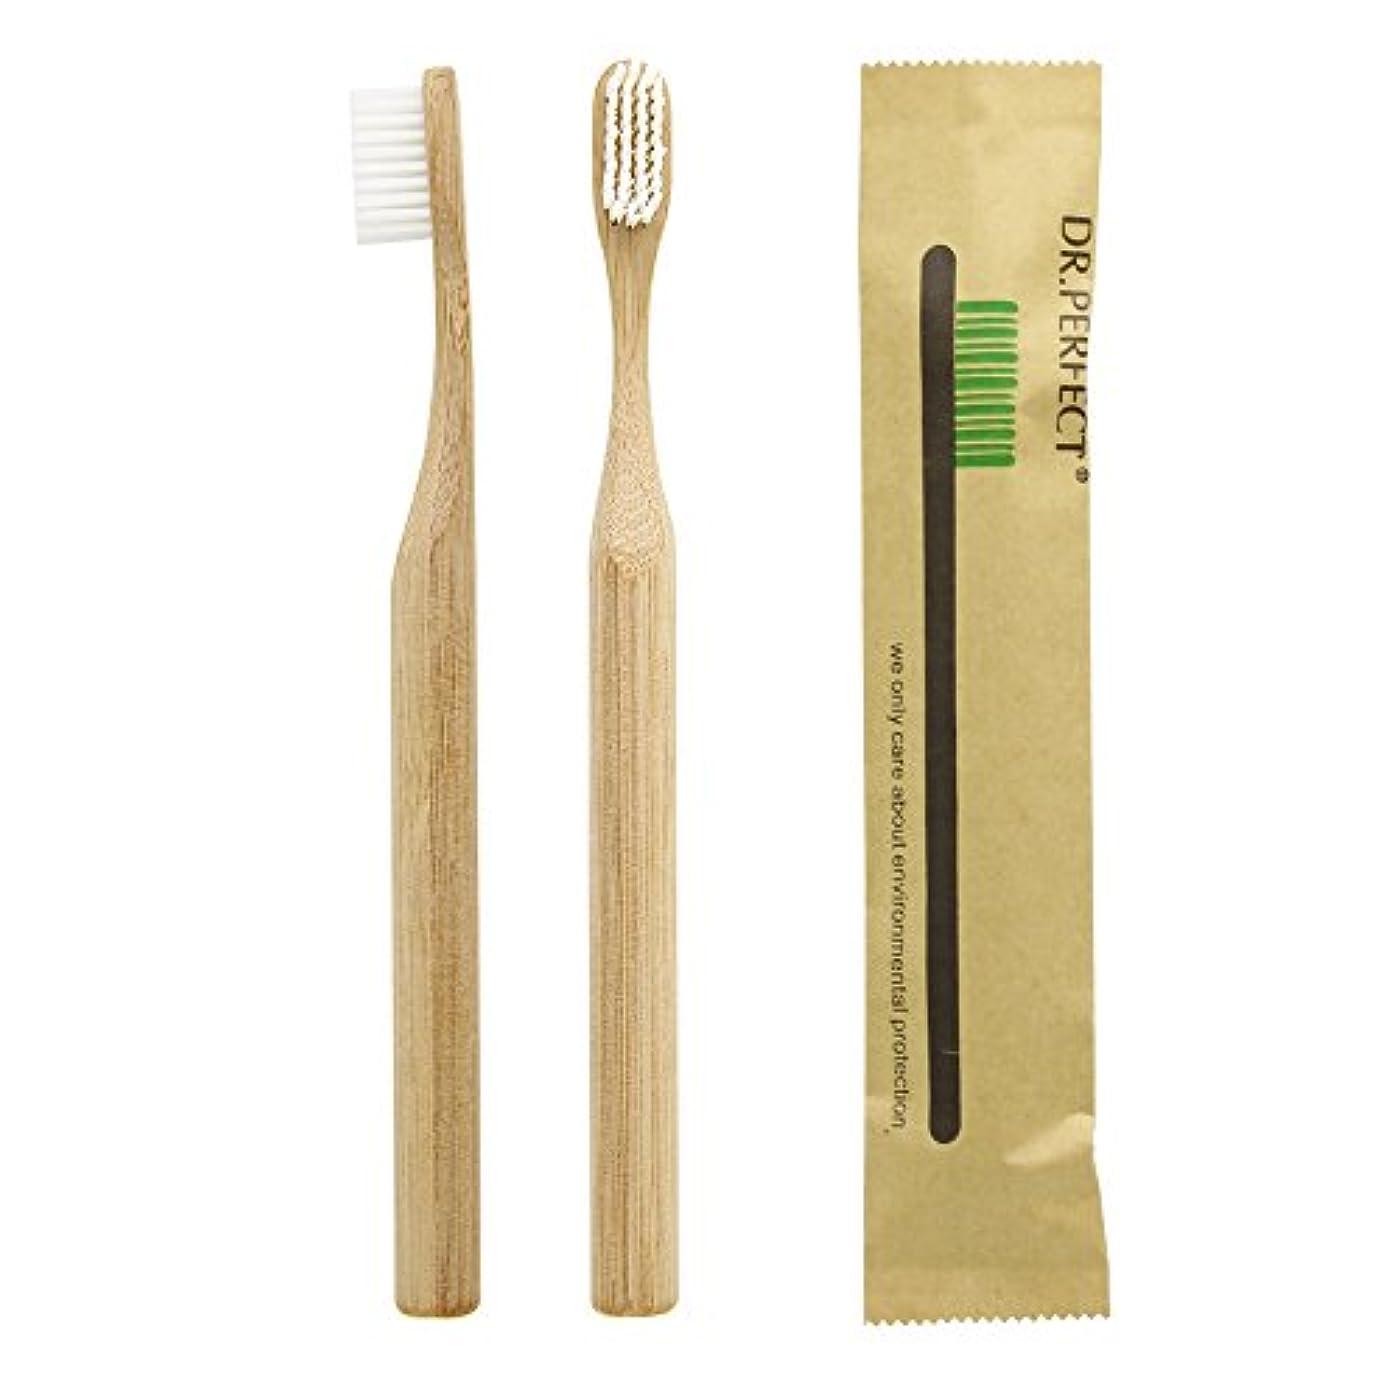 介入するご覧くださいお金ゴムDr.Perfect Bamboo Toothbrush アダルト竹の歯ブラシ ナイロン毛 環境にやさしい製品 (ホワイト)